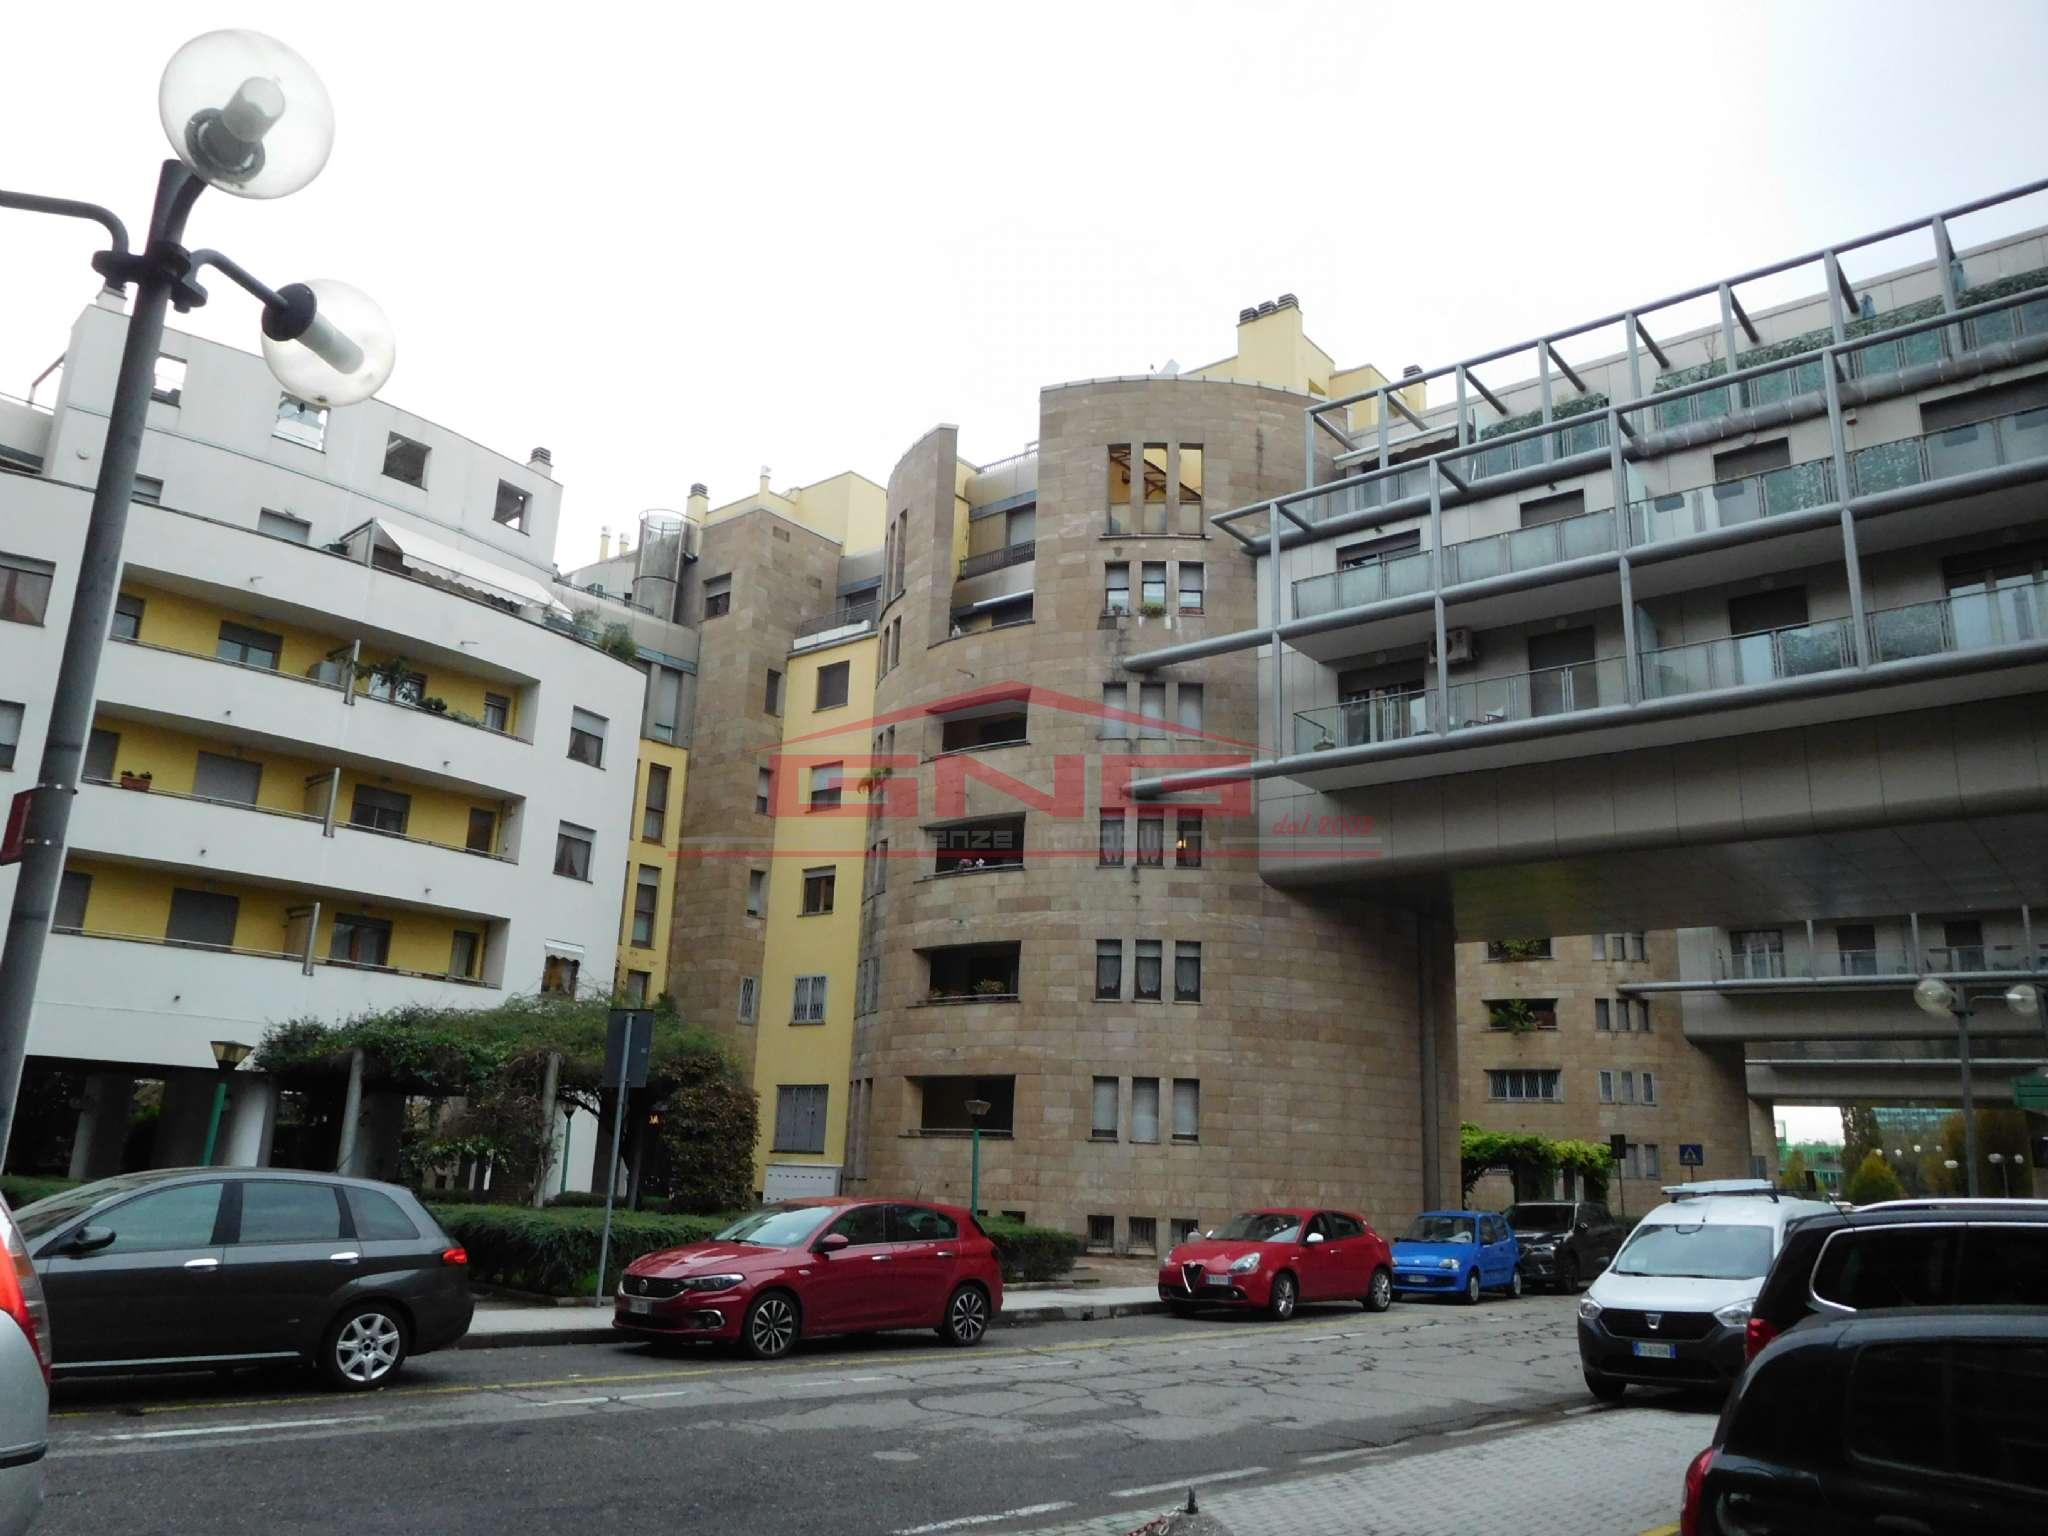 Appartamento in vendita a San Donato Milanese, 3 locali, prezzo € 230.000 | CambioCasa.it